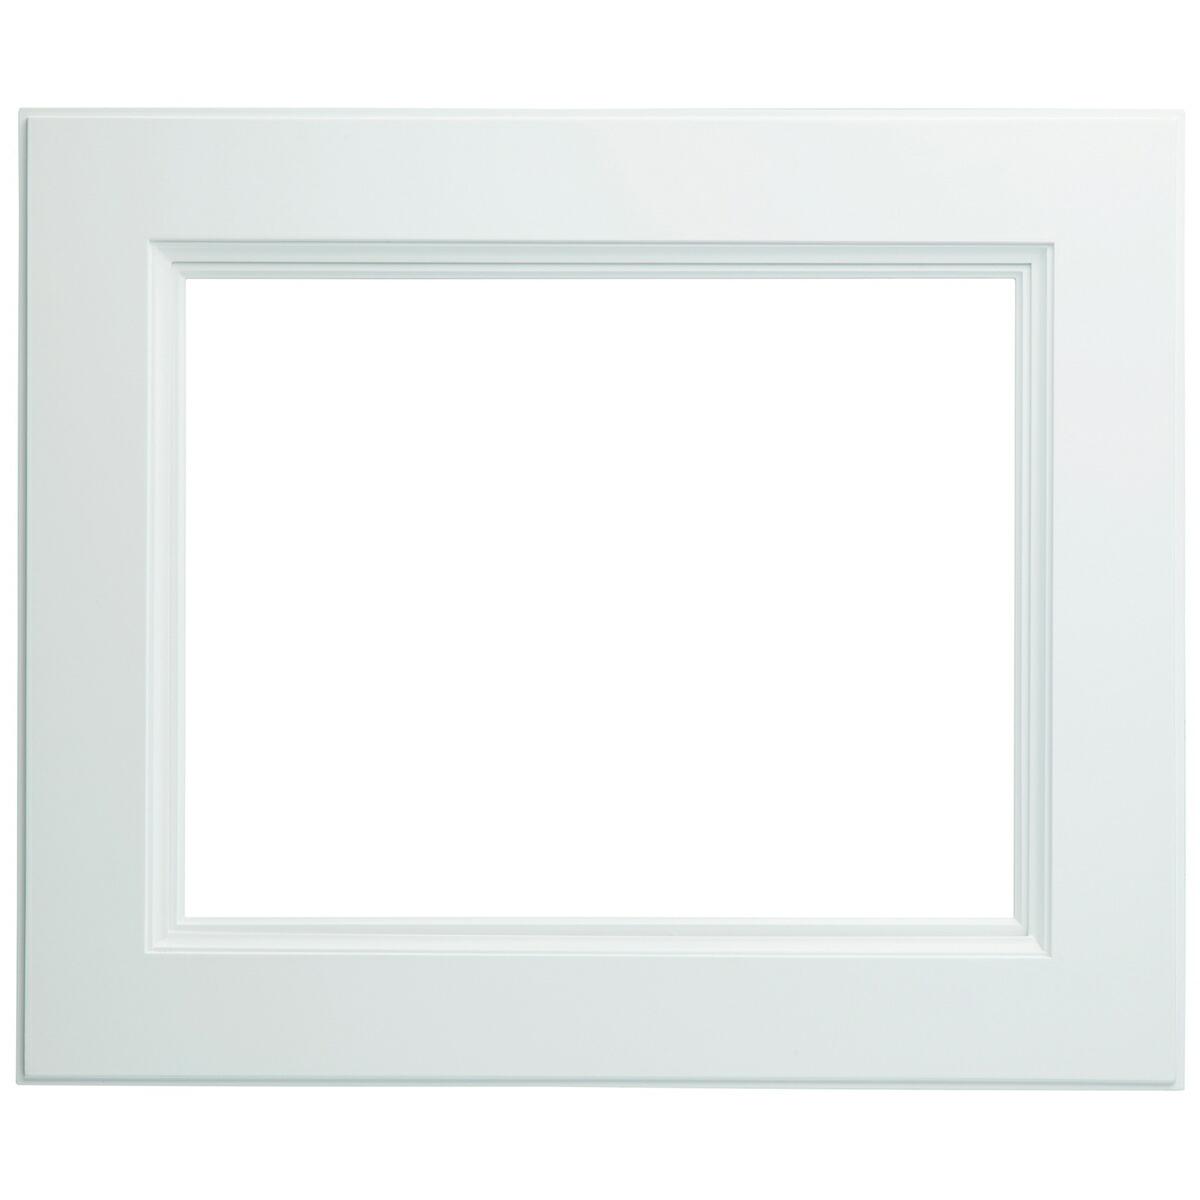 ラーソン・ジュール 油絵用額縁 A263 F3 ホワイト